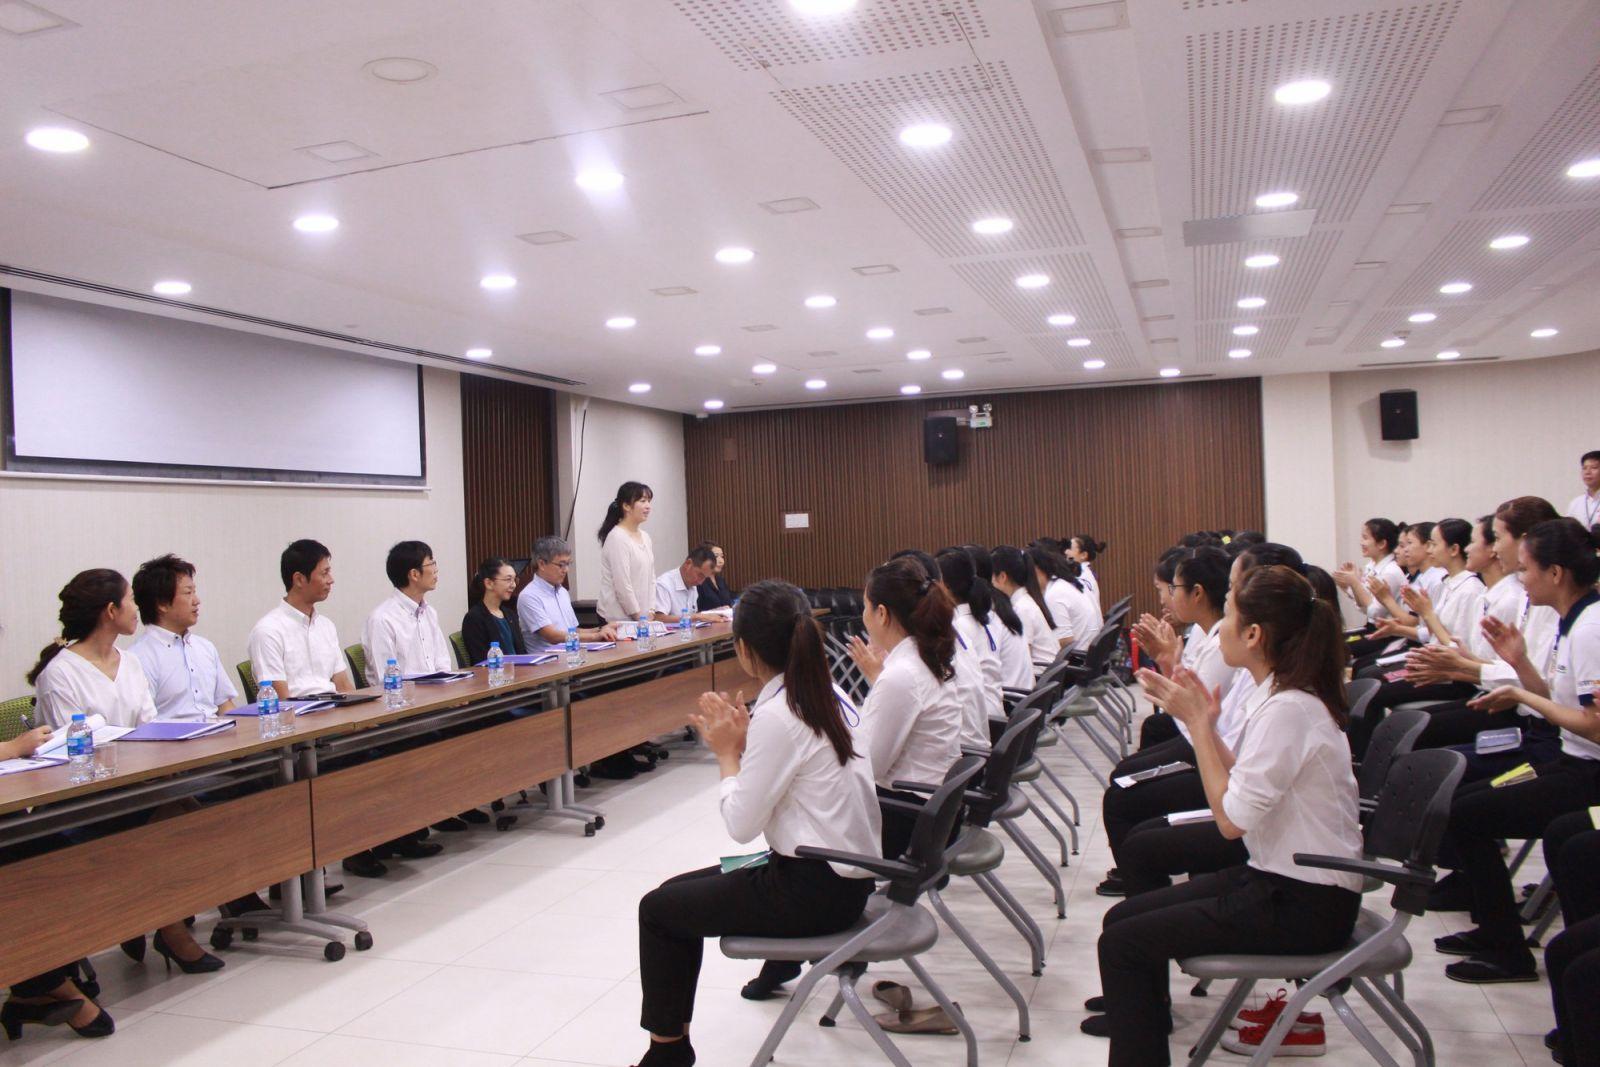 Cục Quản lý lao động ngoài nước trao đổi với doanh nghiệp về việc đưa đón lao động từ nước ngoài